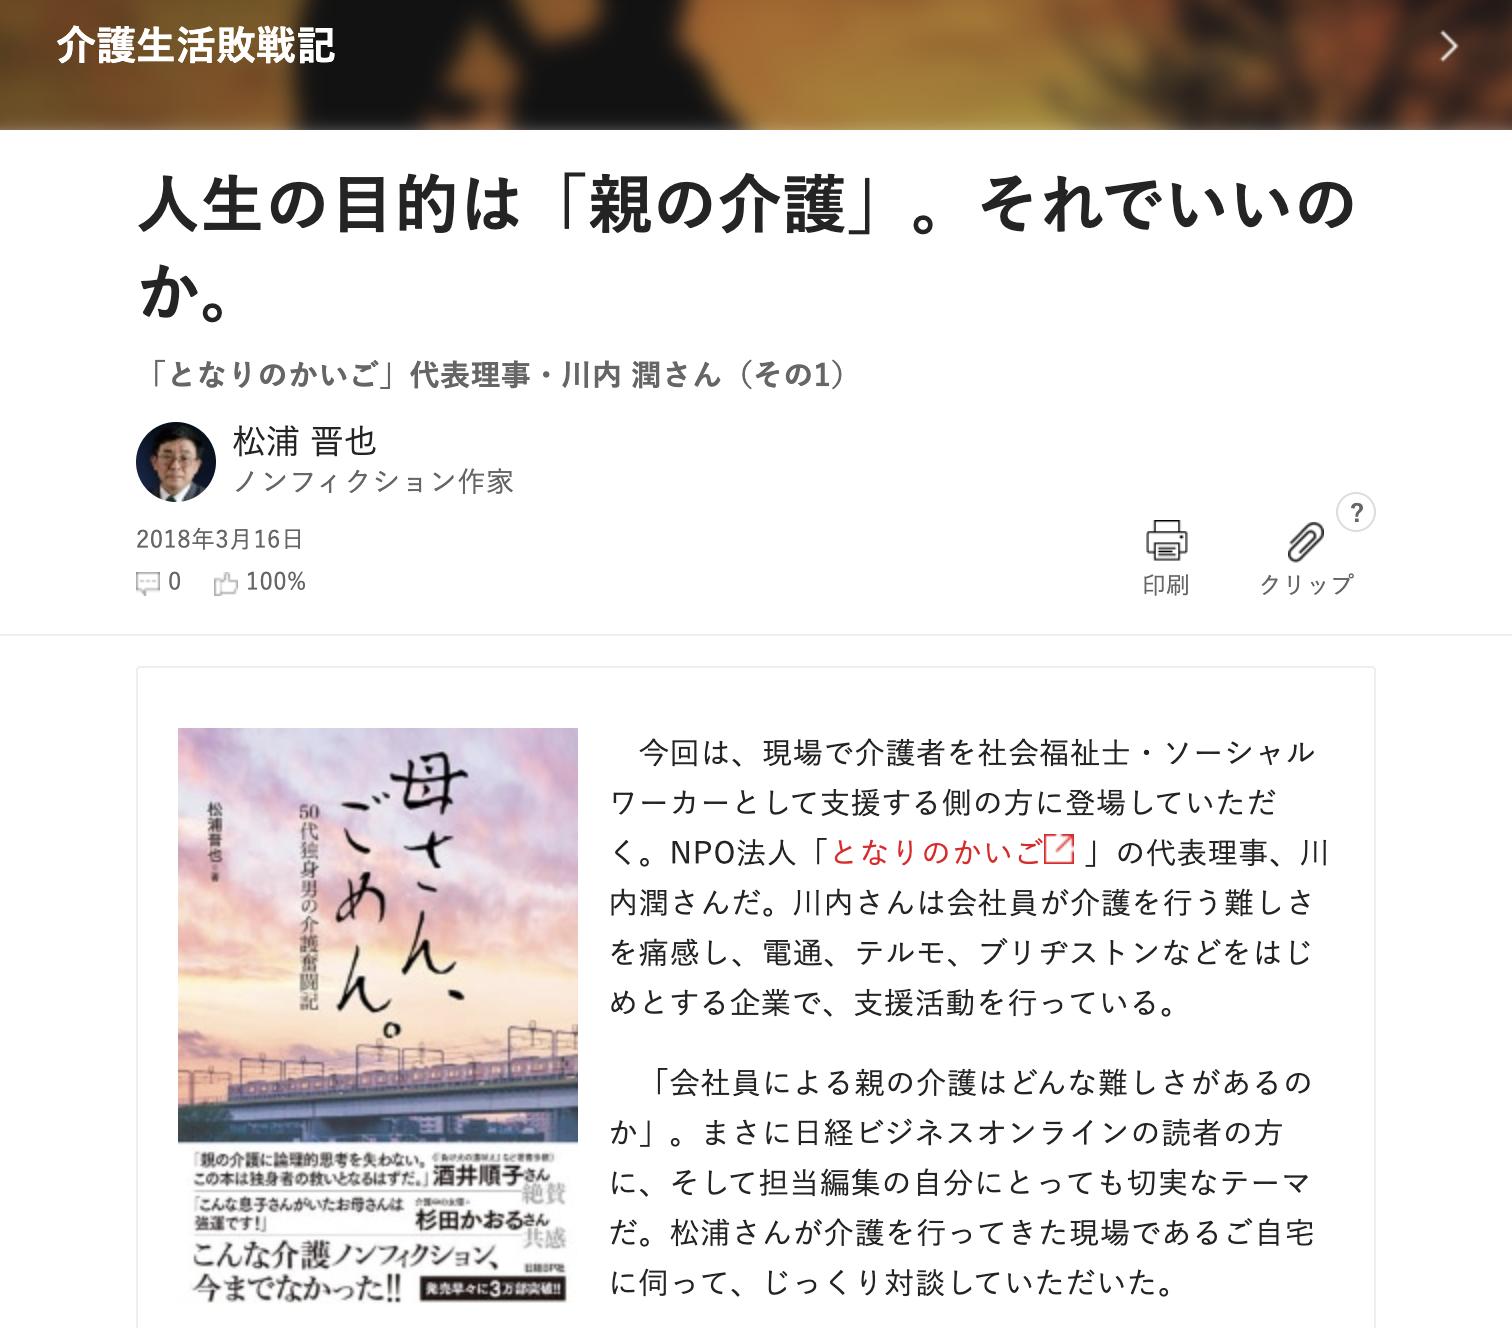 日経ビジネスオンライン『人生の目的は「親の介護」。それでいいのか。』